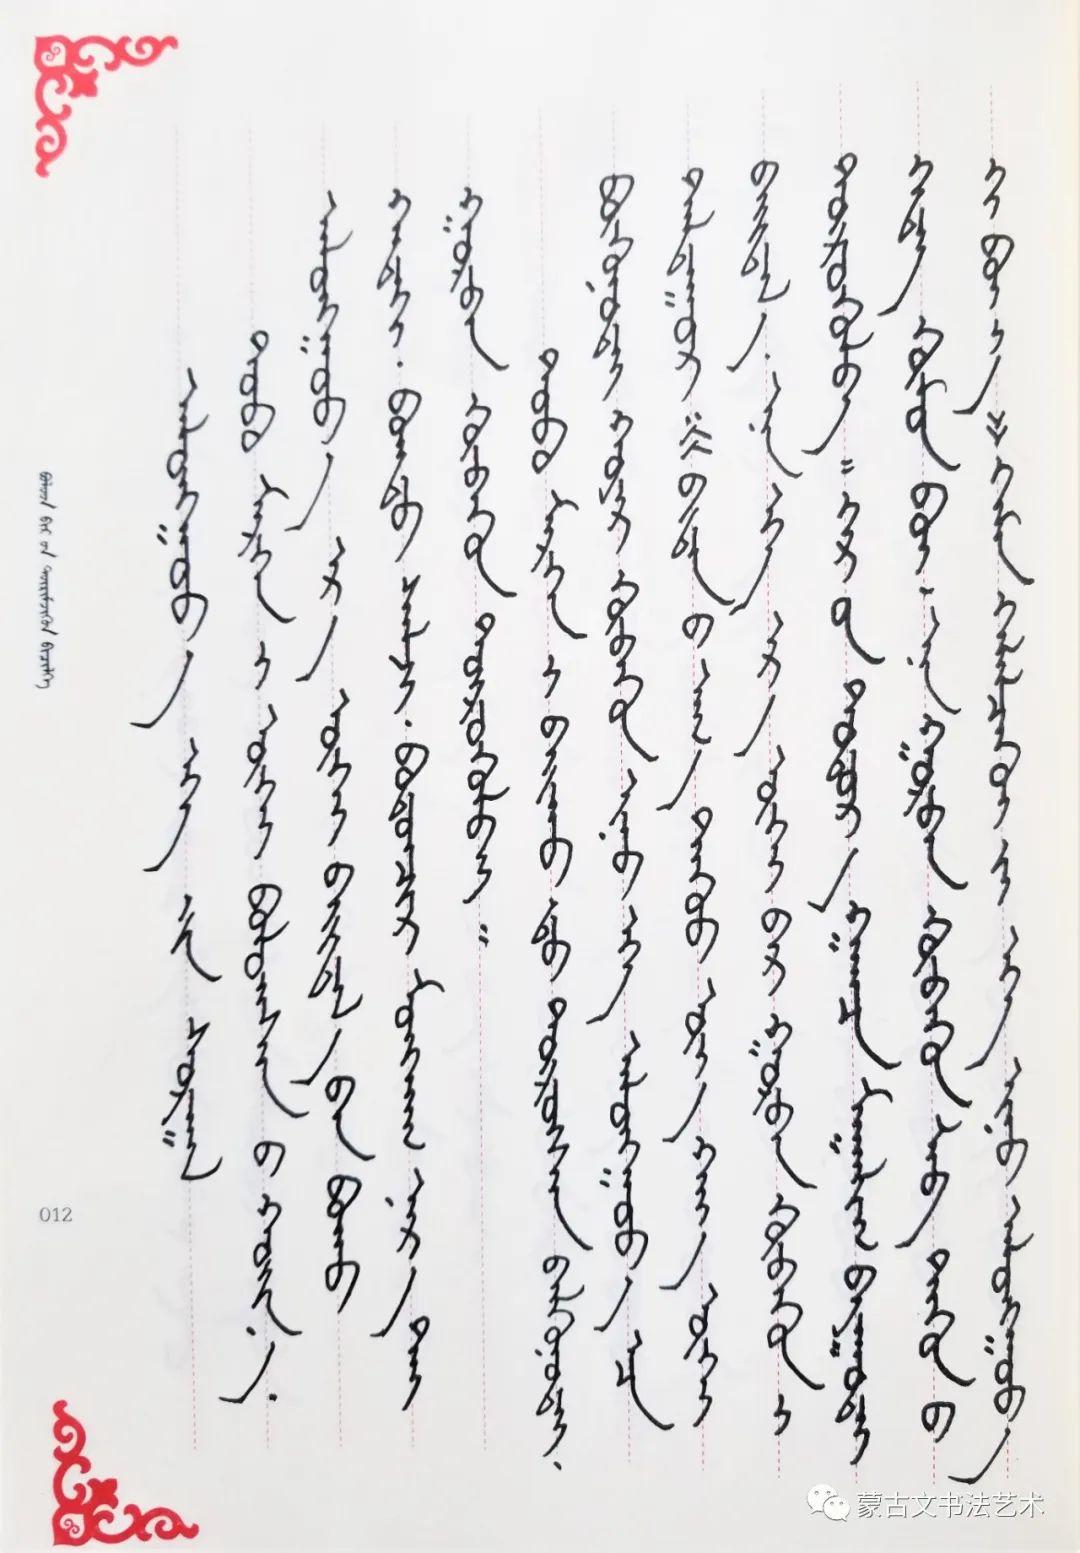 奈曼旗蒙古族实验小学十人《蒙古文钢笔规范字》 第12张 奈曼旗蒙古族实验小学十人《蒙古文钢笔规范字》 蒙古书法